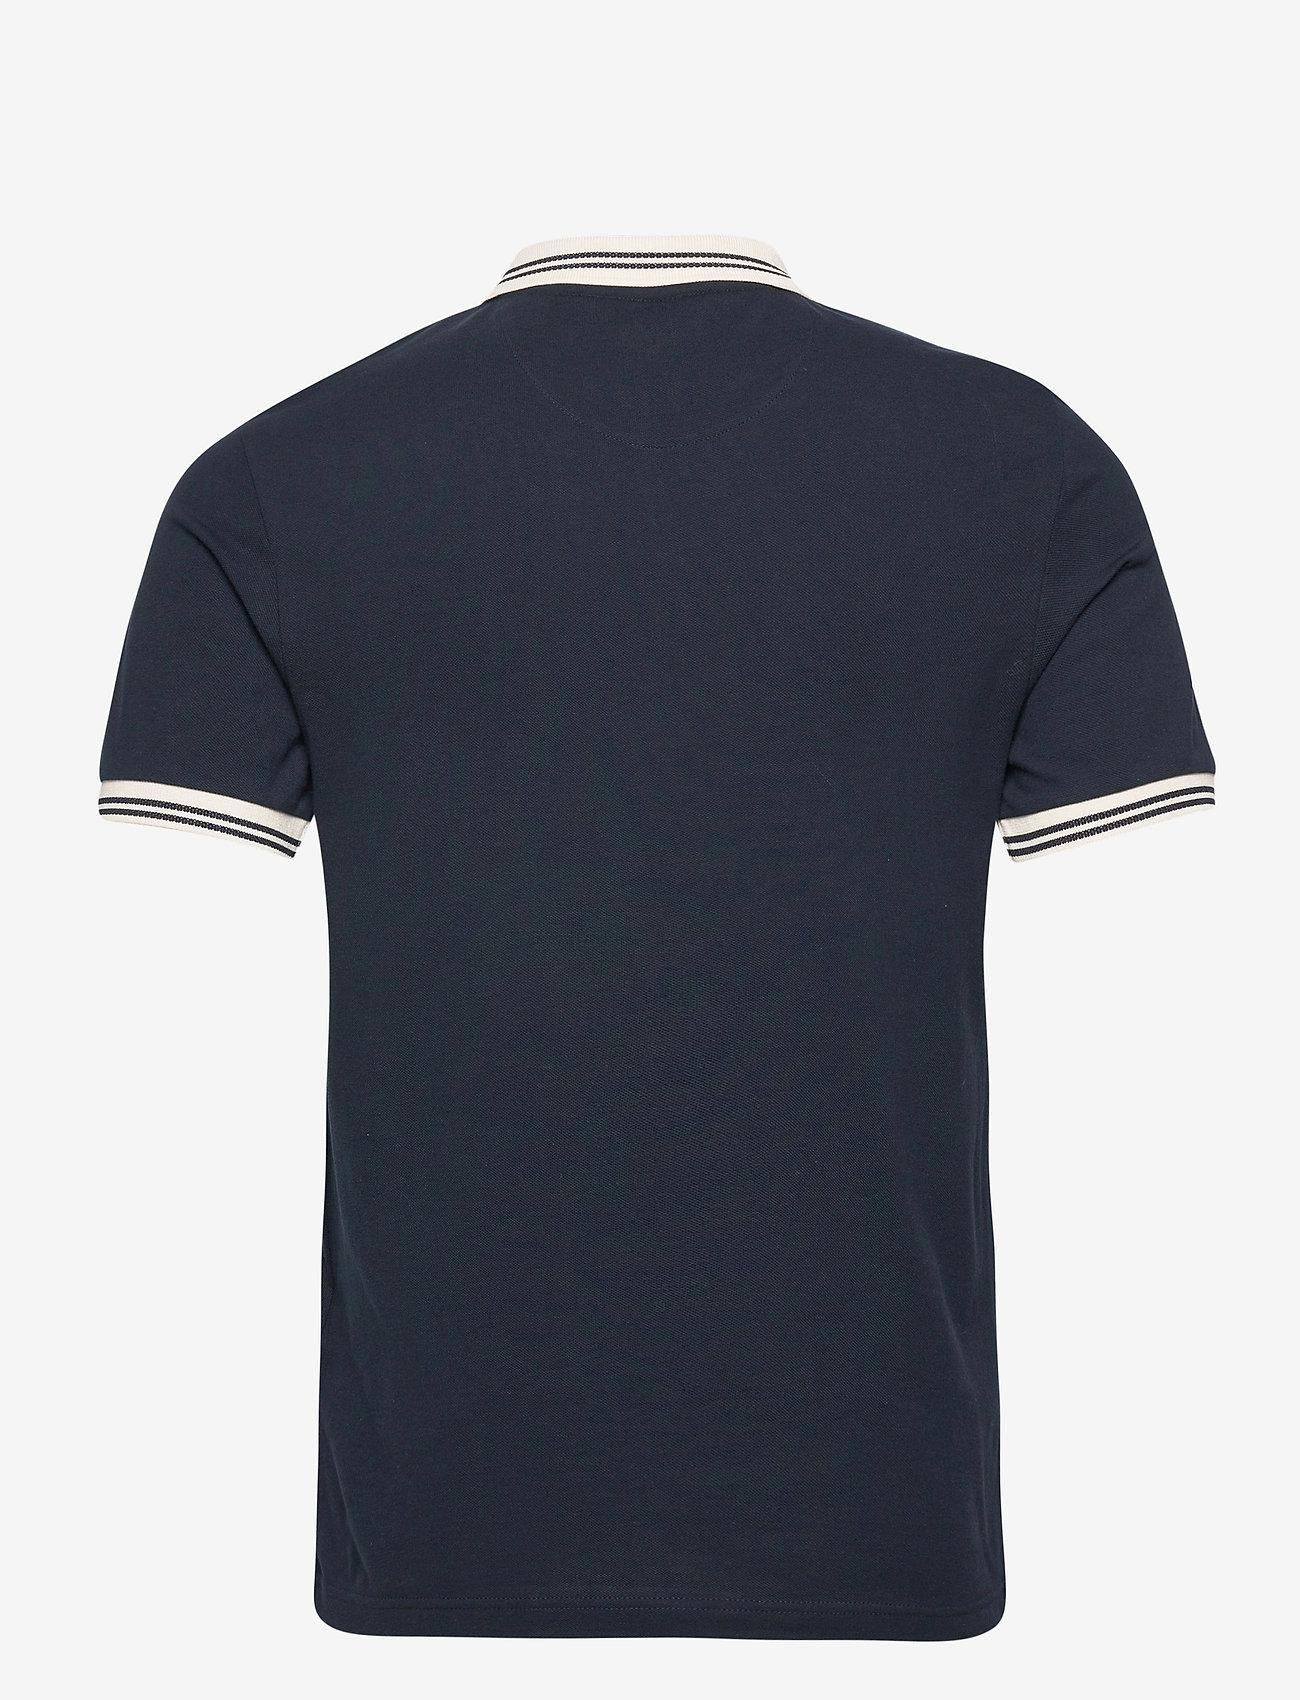 Farah STANTON POLO - Poloskjorter TRUE NAVY - Menn Klær